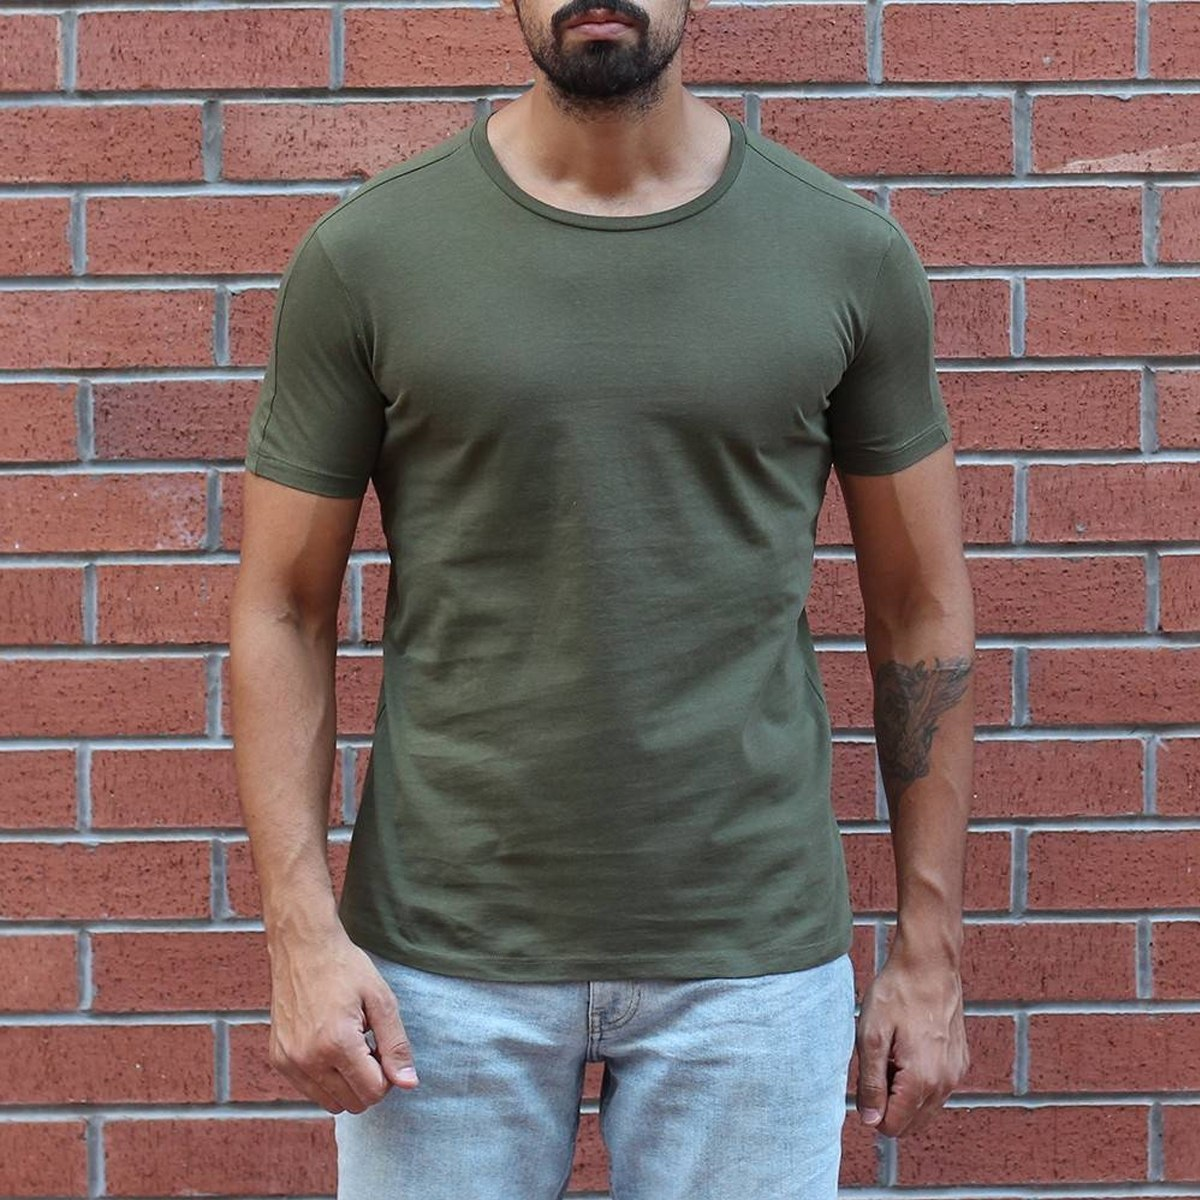 Men's Round Neck Stylish Basic T-Shirt Khaki